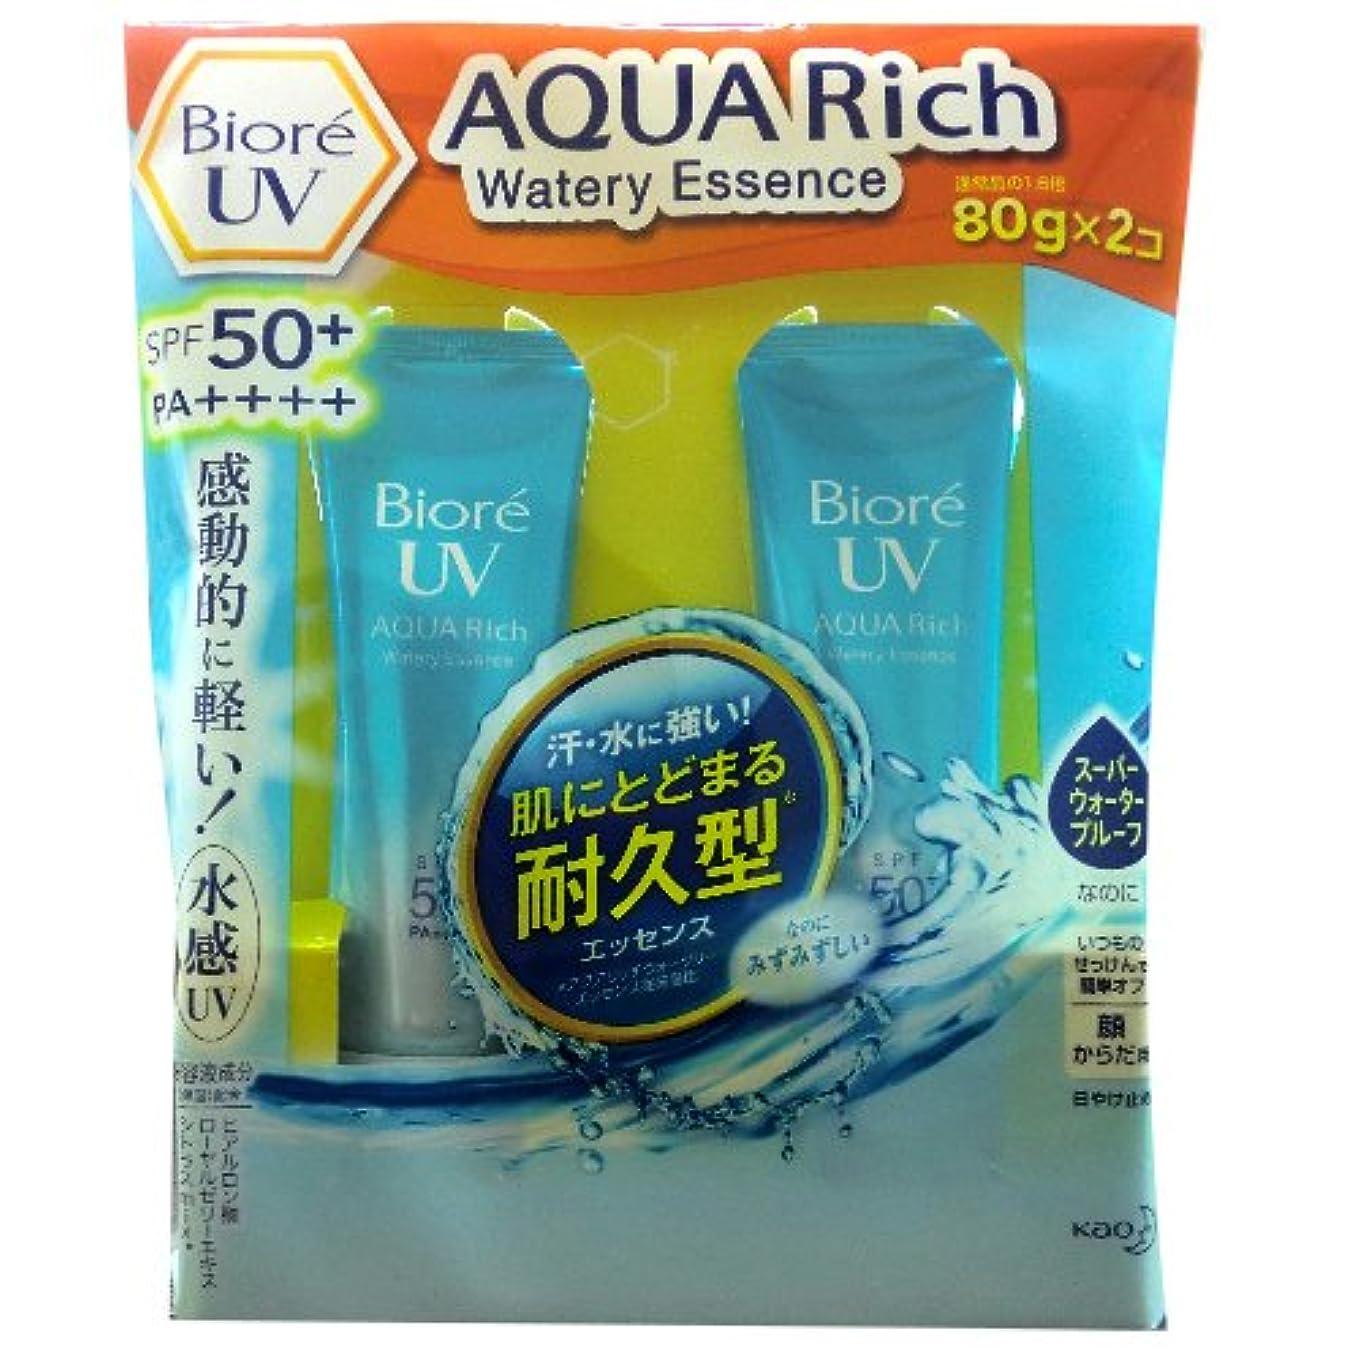 三角形郵便屋さん遠いBiore UV AQUA Rich Watery Essence 80g×2コ